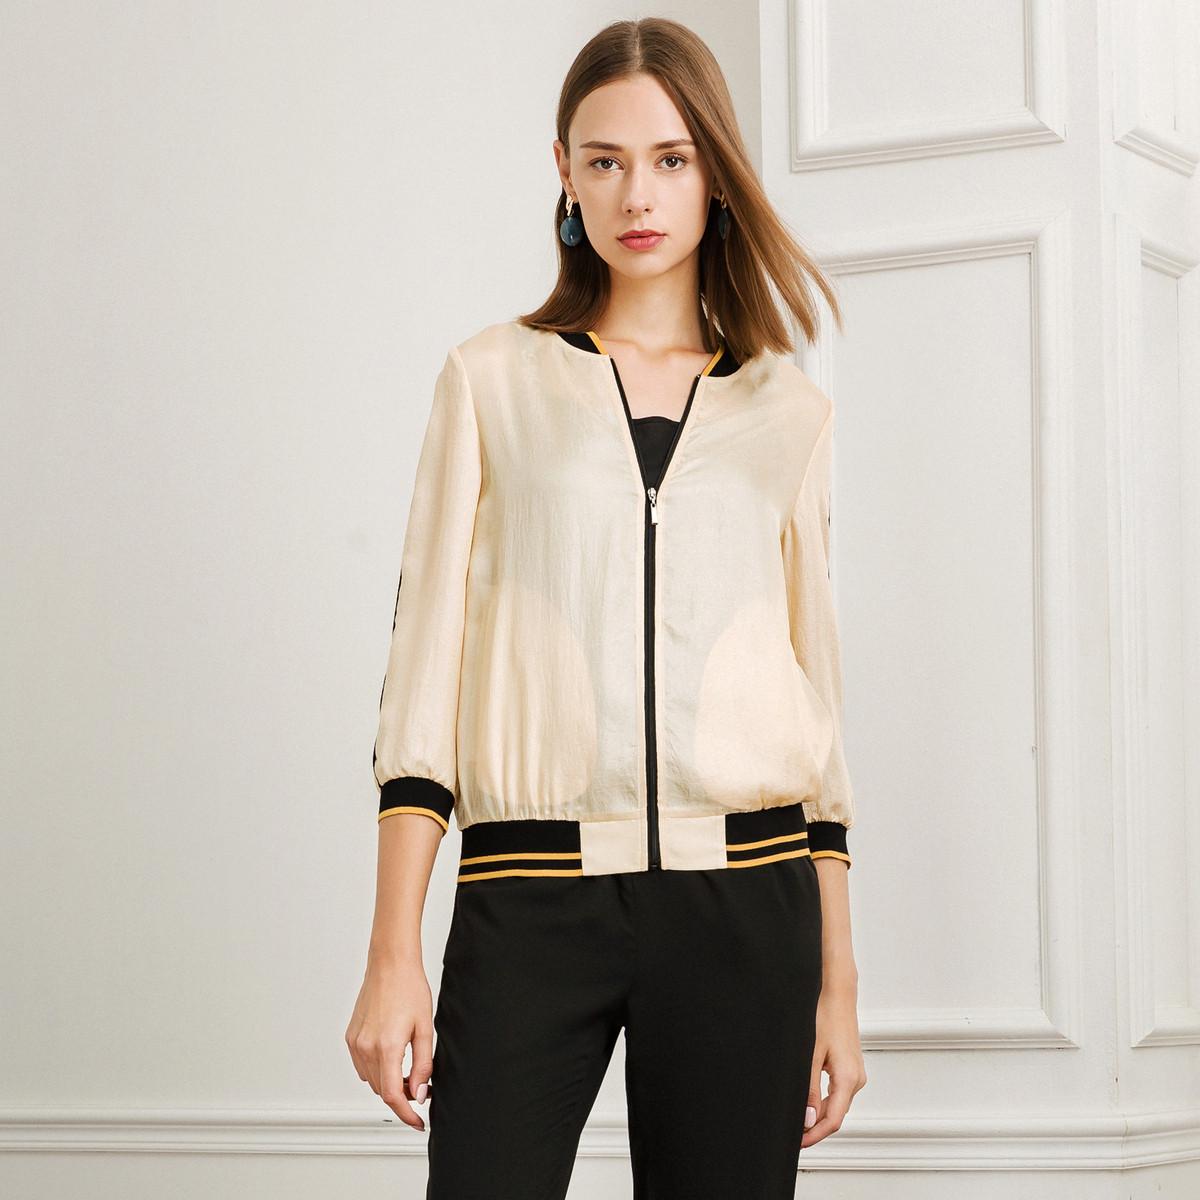 娜尔思娜尔思春季新款女装薄外套年新款女运动风棒球服夹克拼接短款上衣NC00069D1